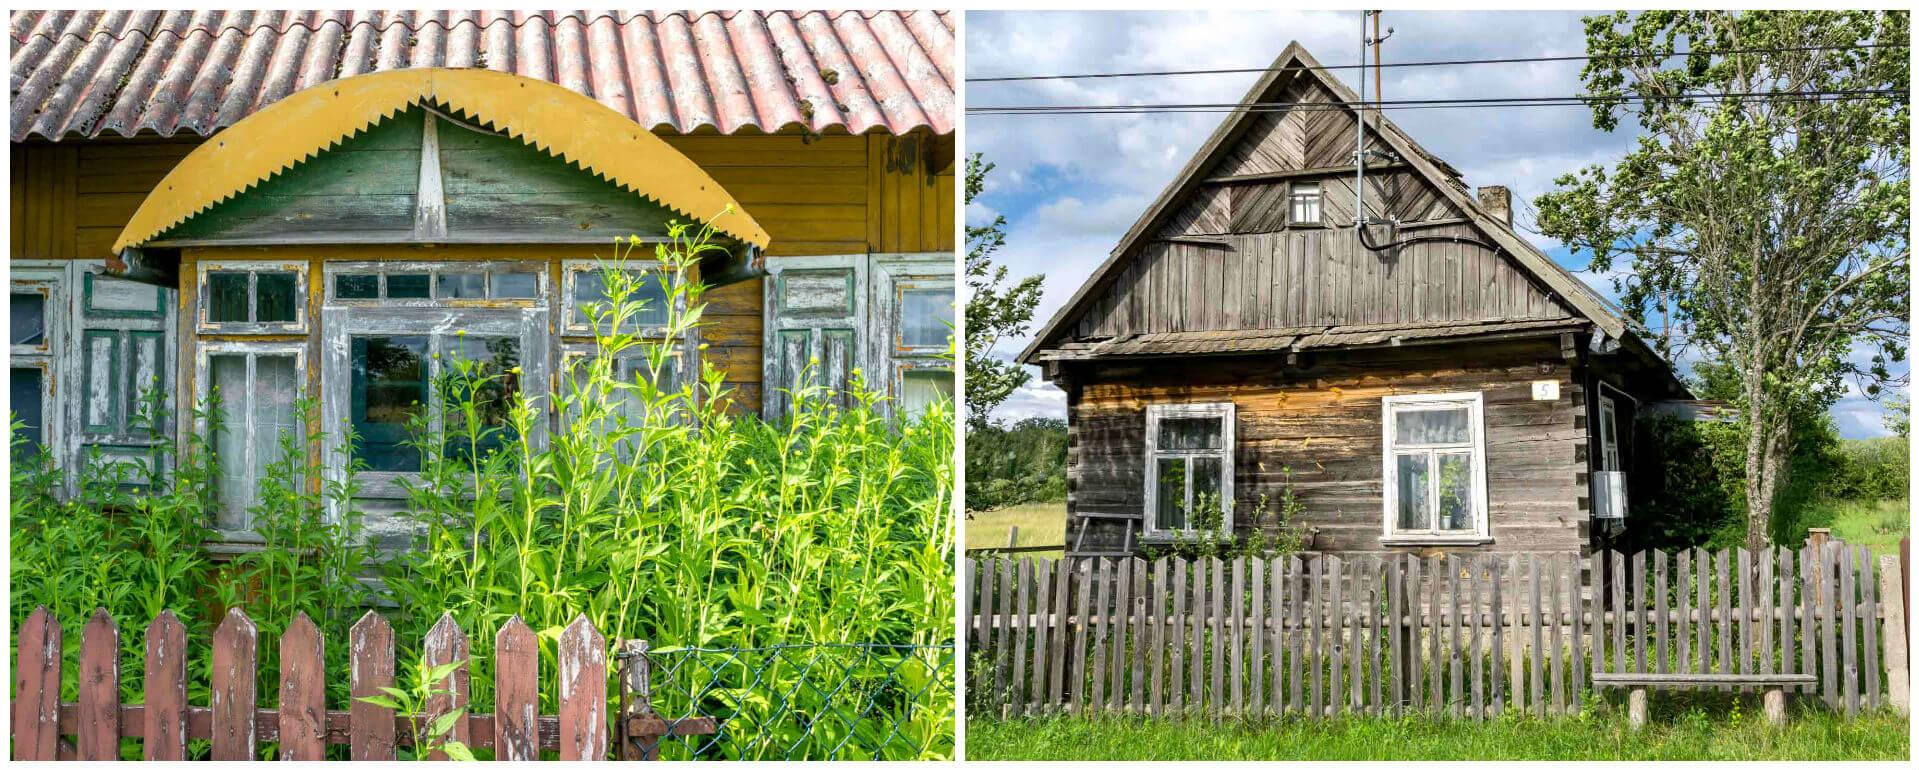 loswiaheros_polska_podlasie_domy_kolaz